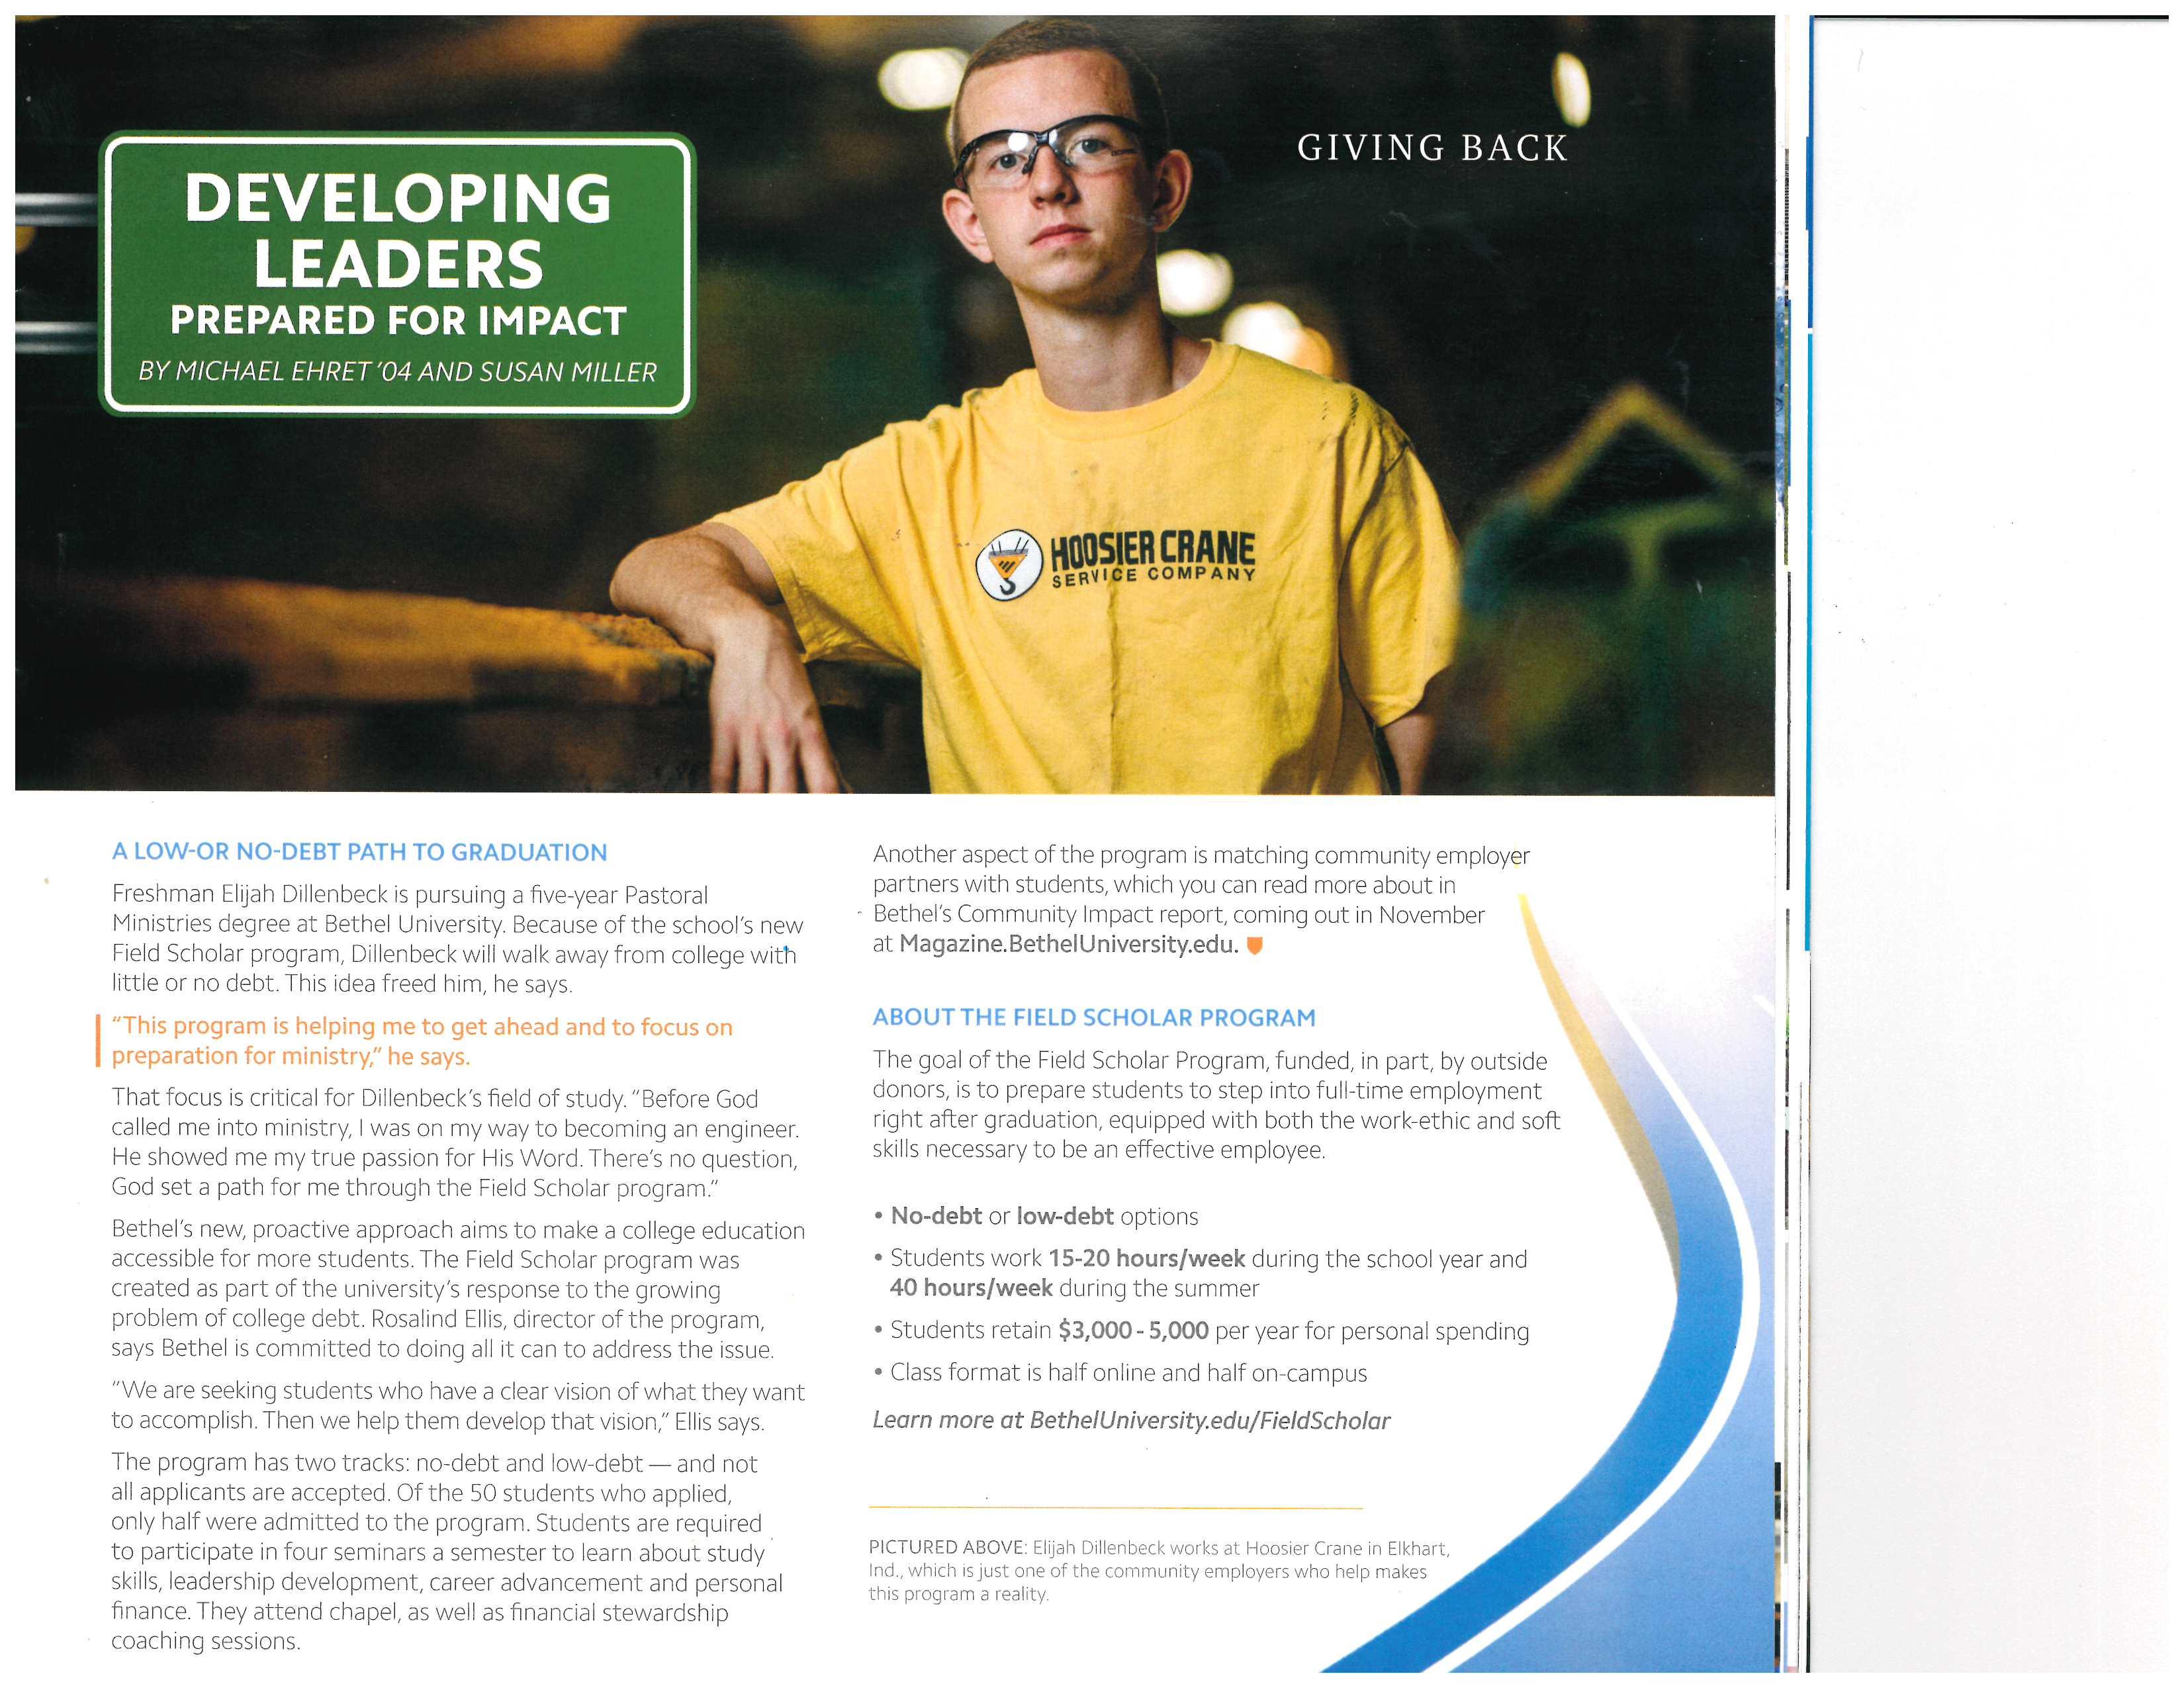 Hoosier Crane Intern Appears In Bethel magazine